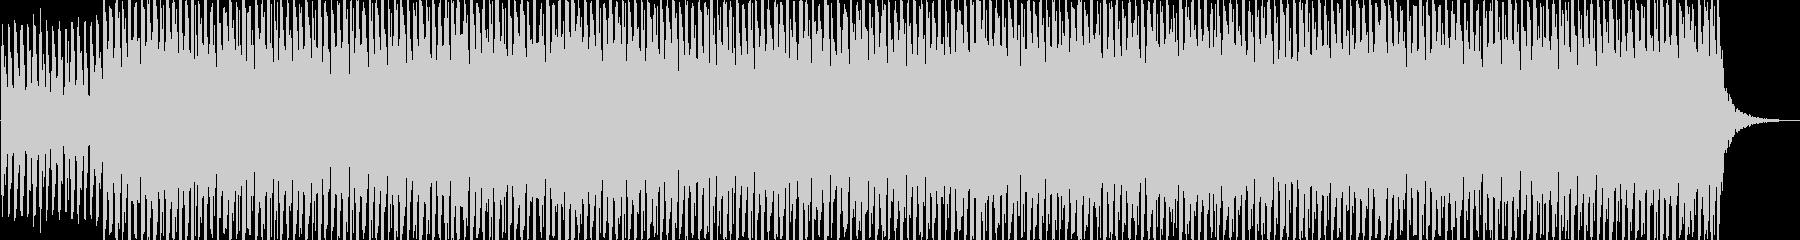 ミニマル系テクノBGMの未再生の波形